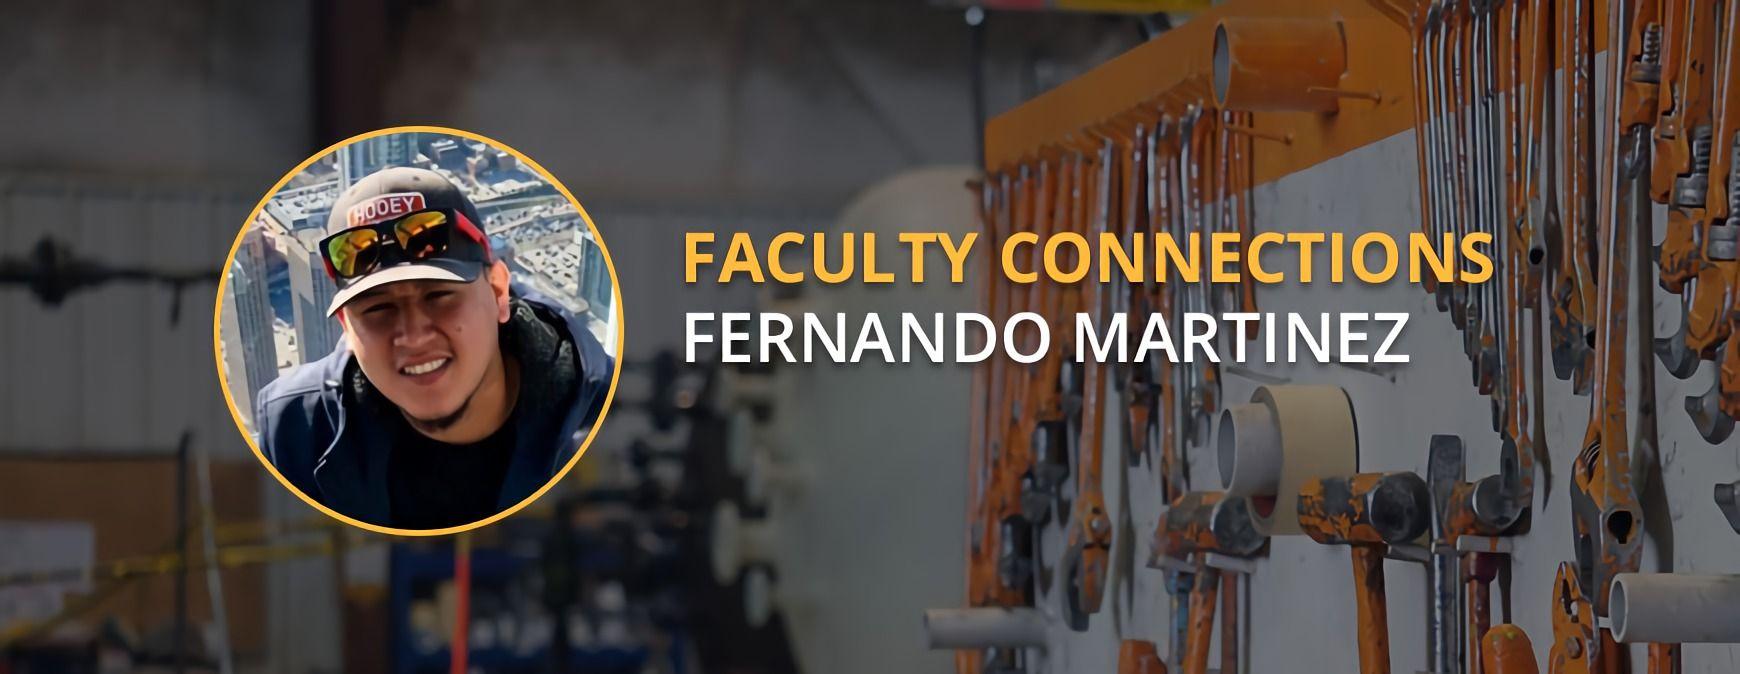 Fernando Martinez faculty connection